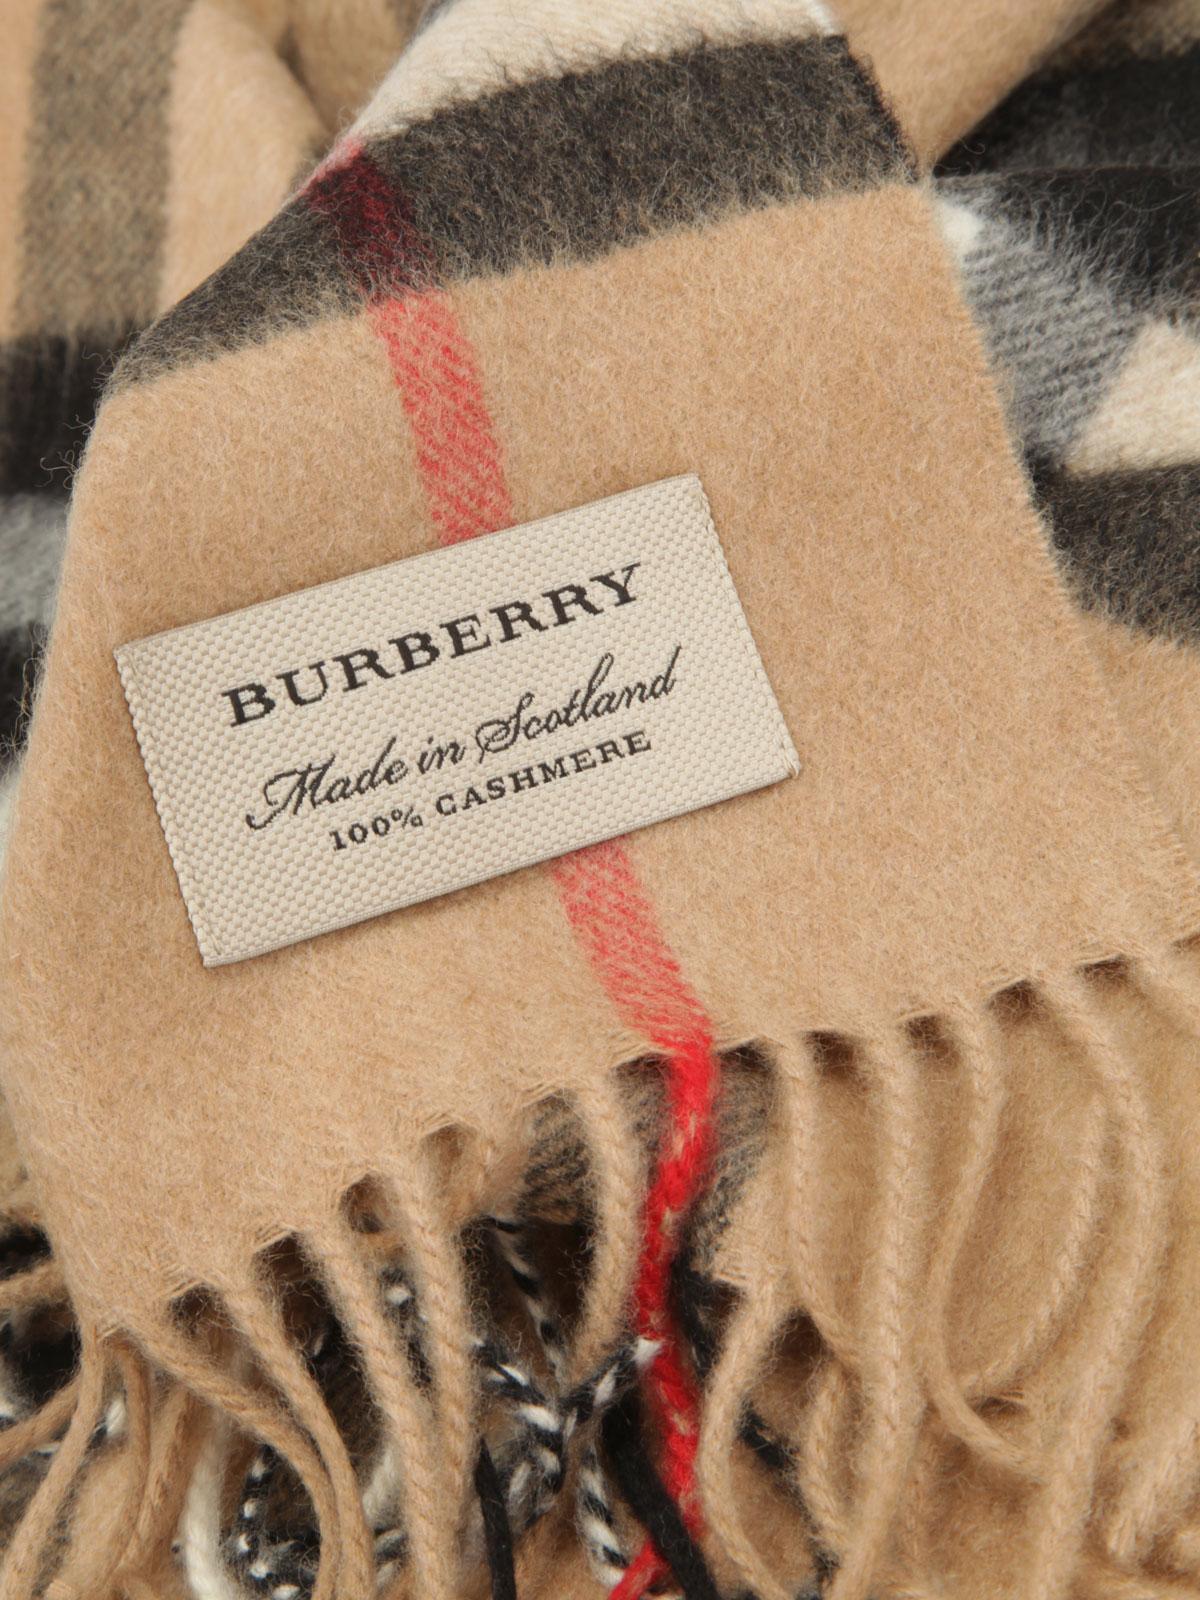 Cashmere Sciarpe Sciarpa In Heritage Foulard Burberry Check E qwpap